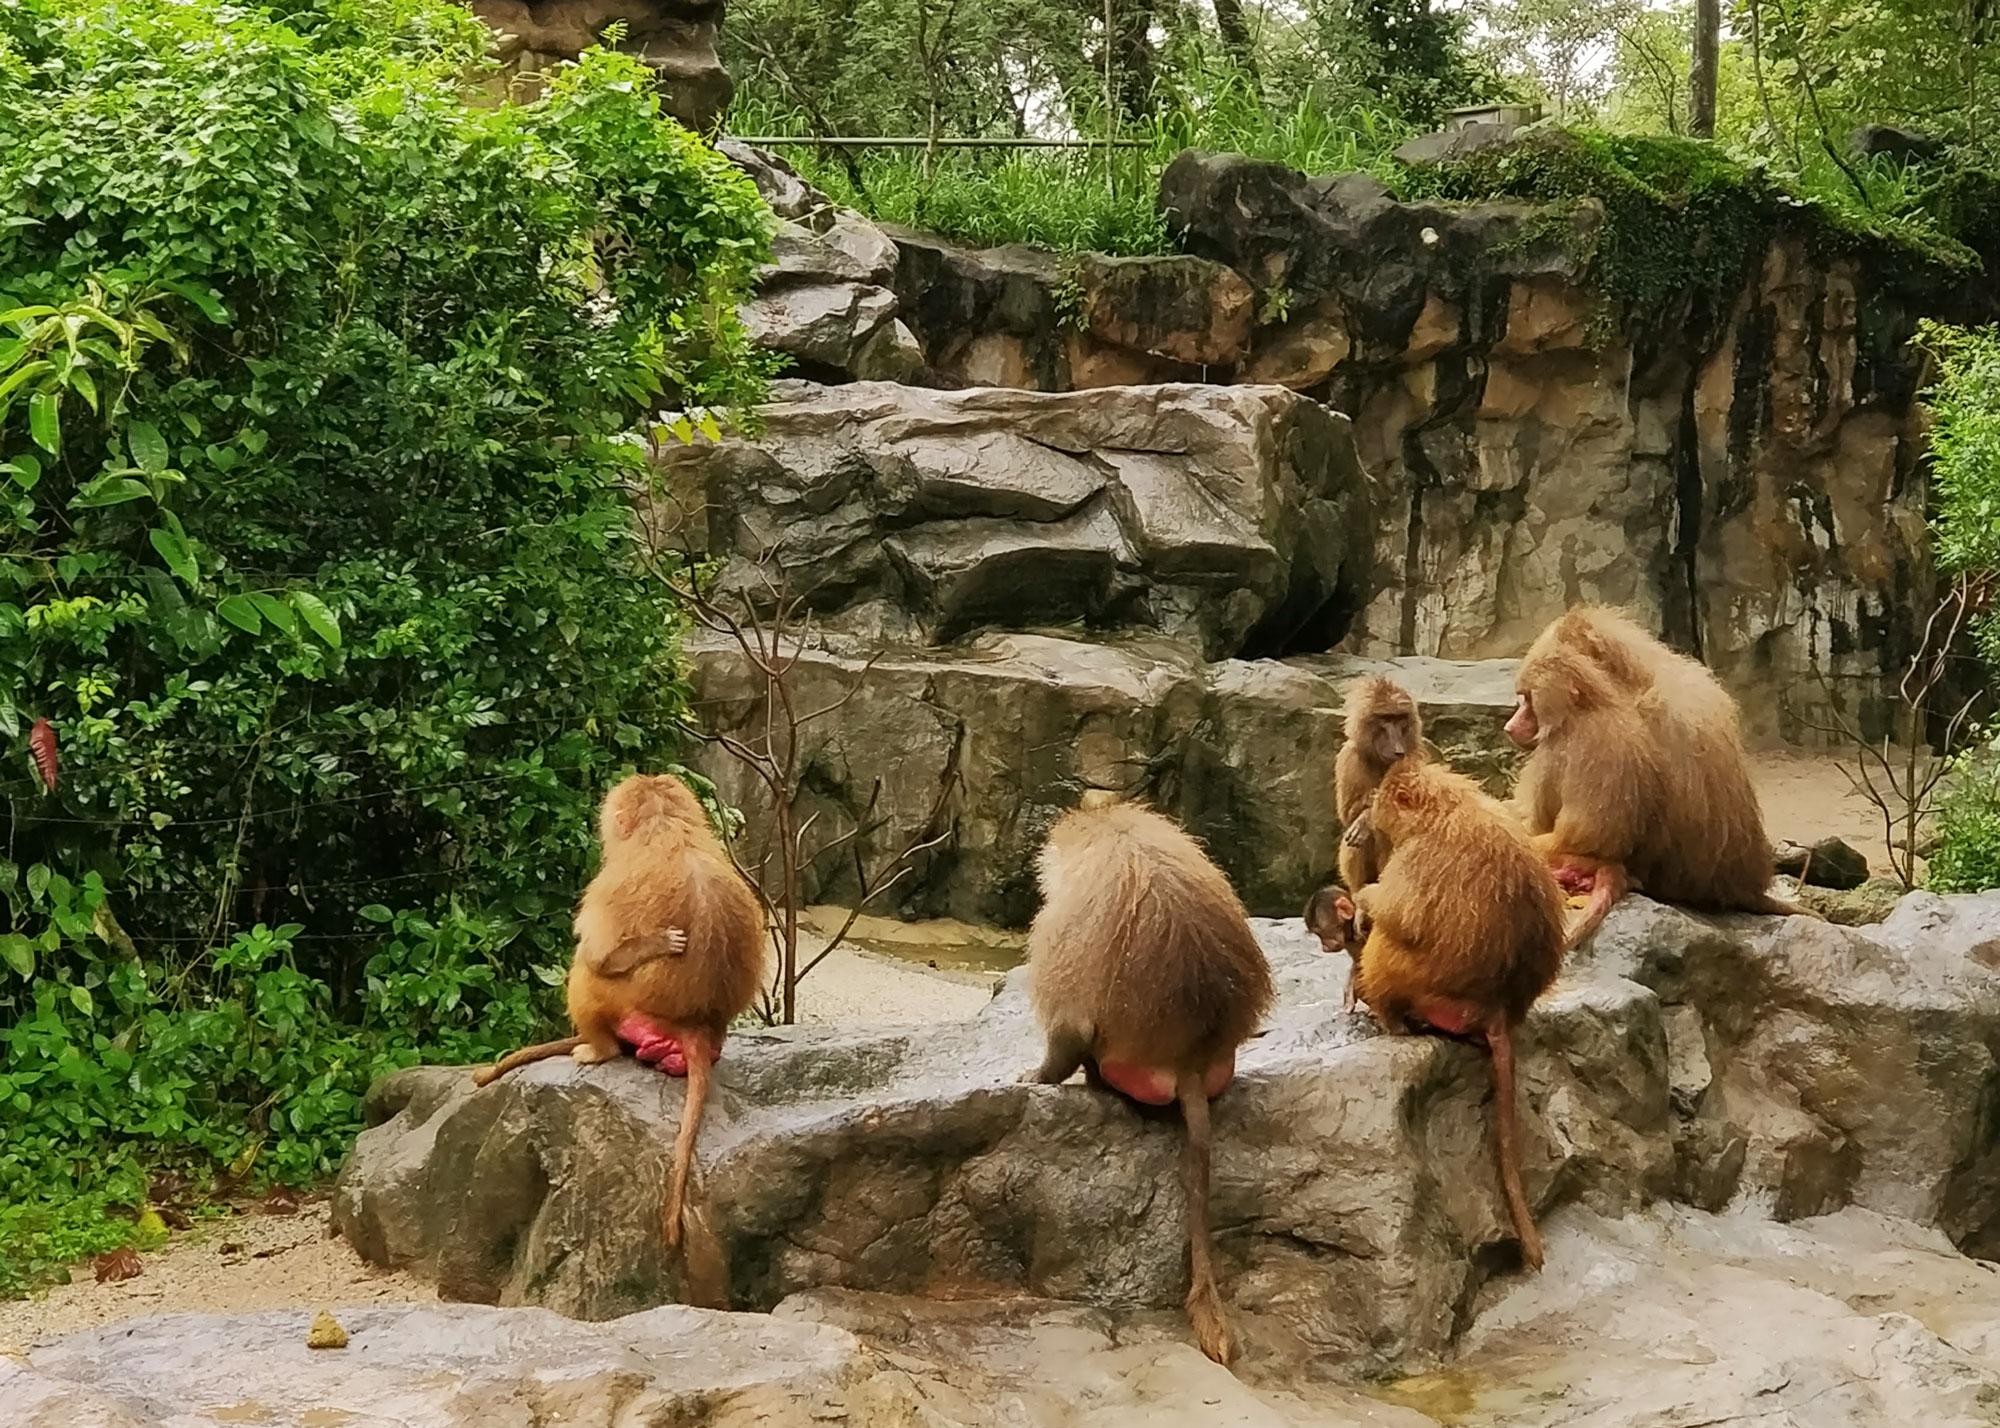 Neljä paviaania istuu kivellä